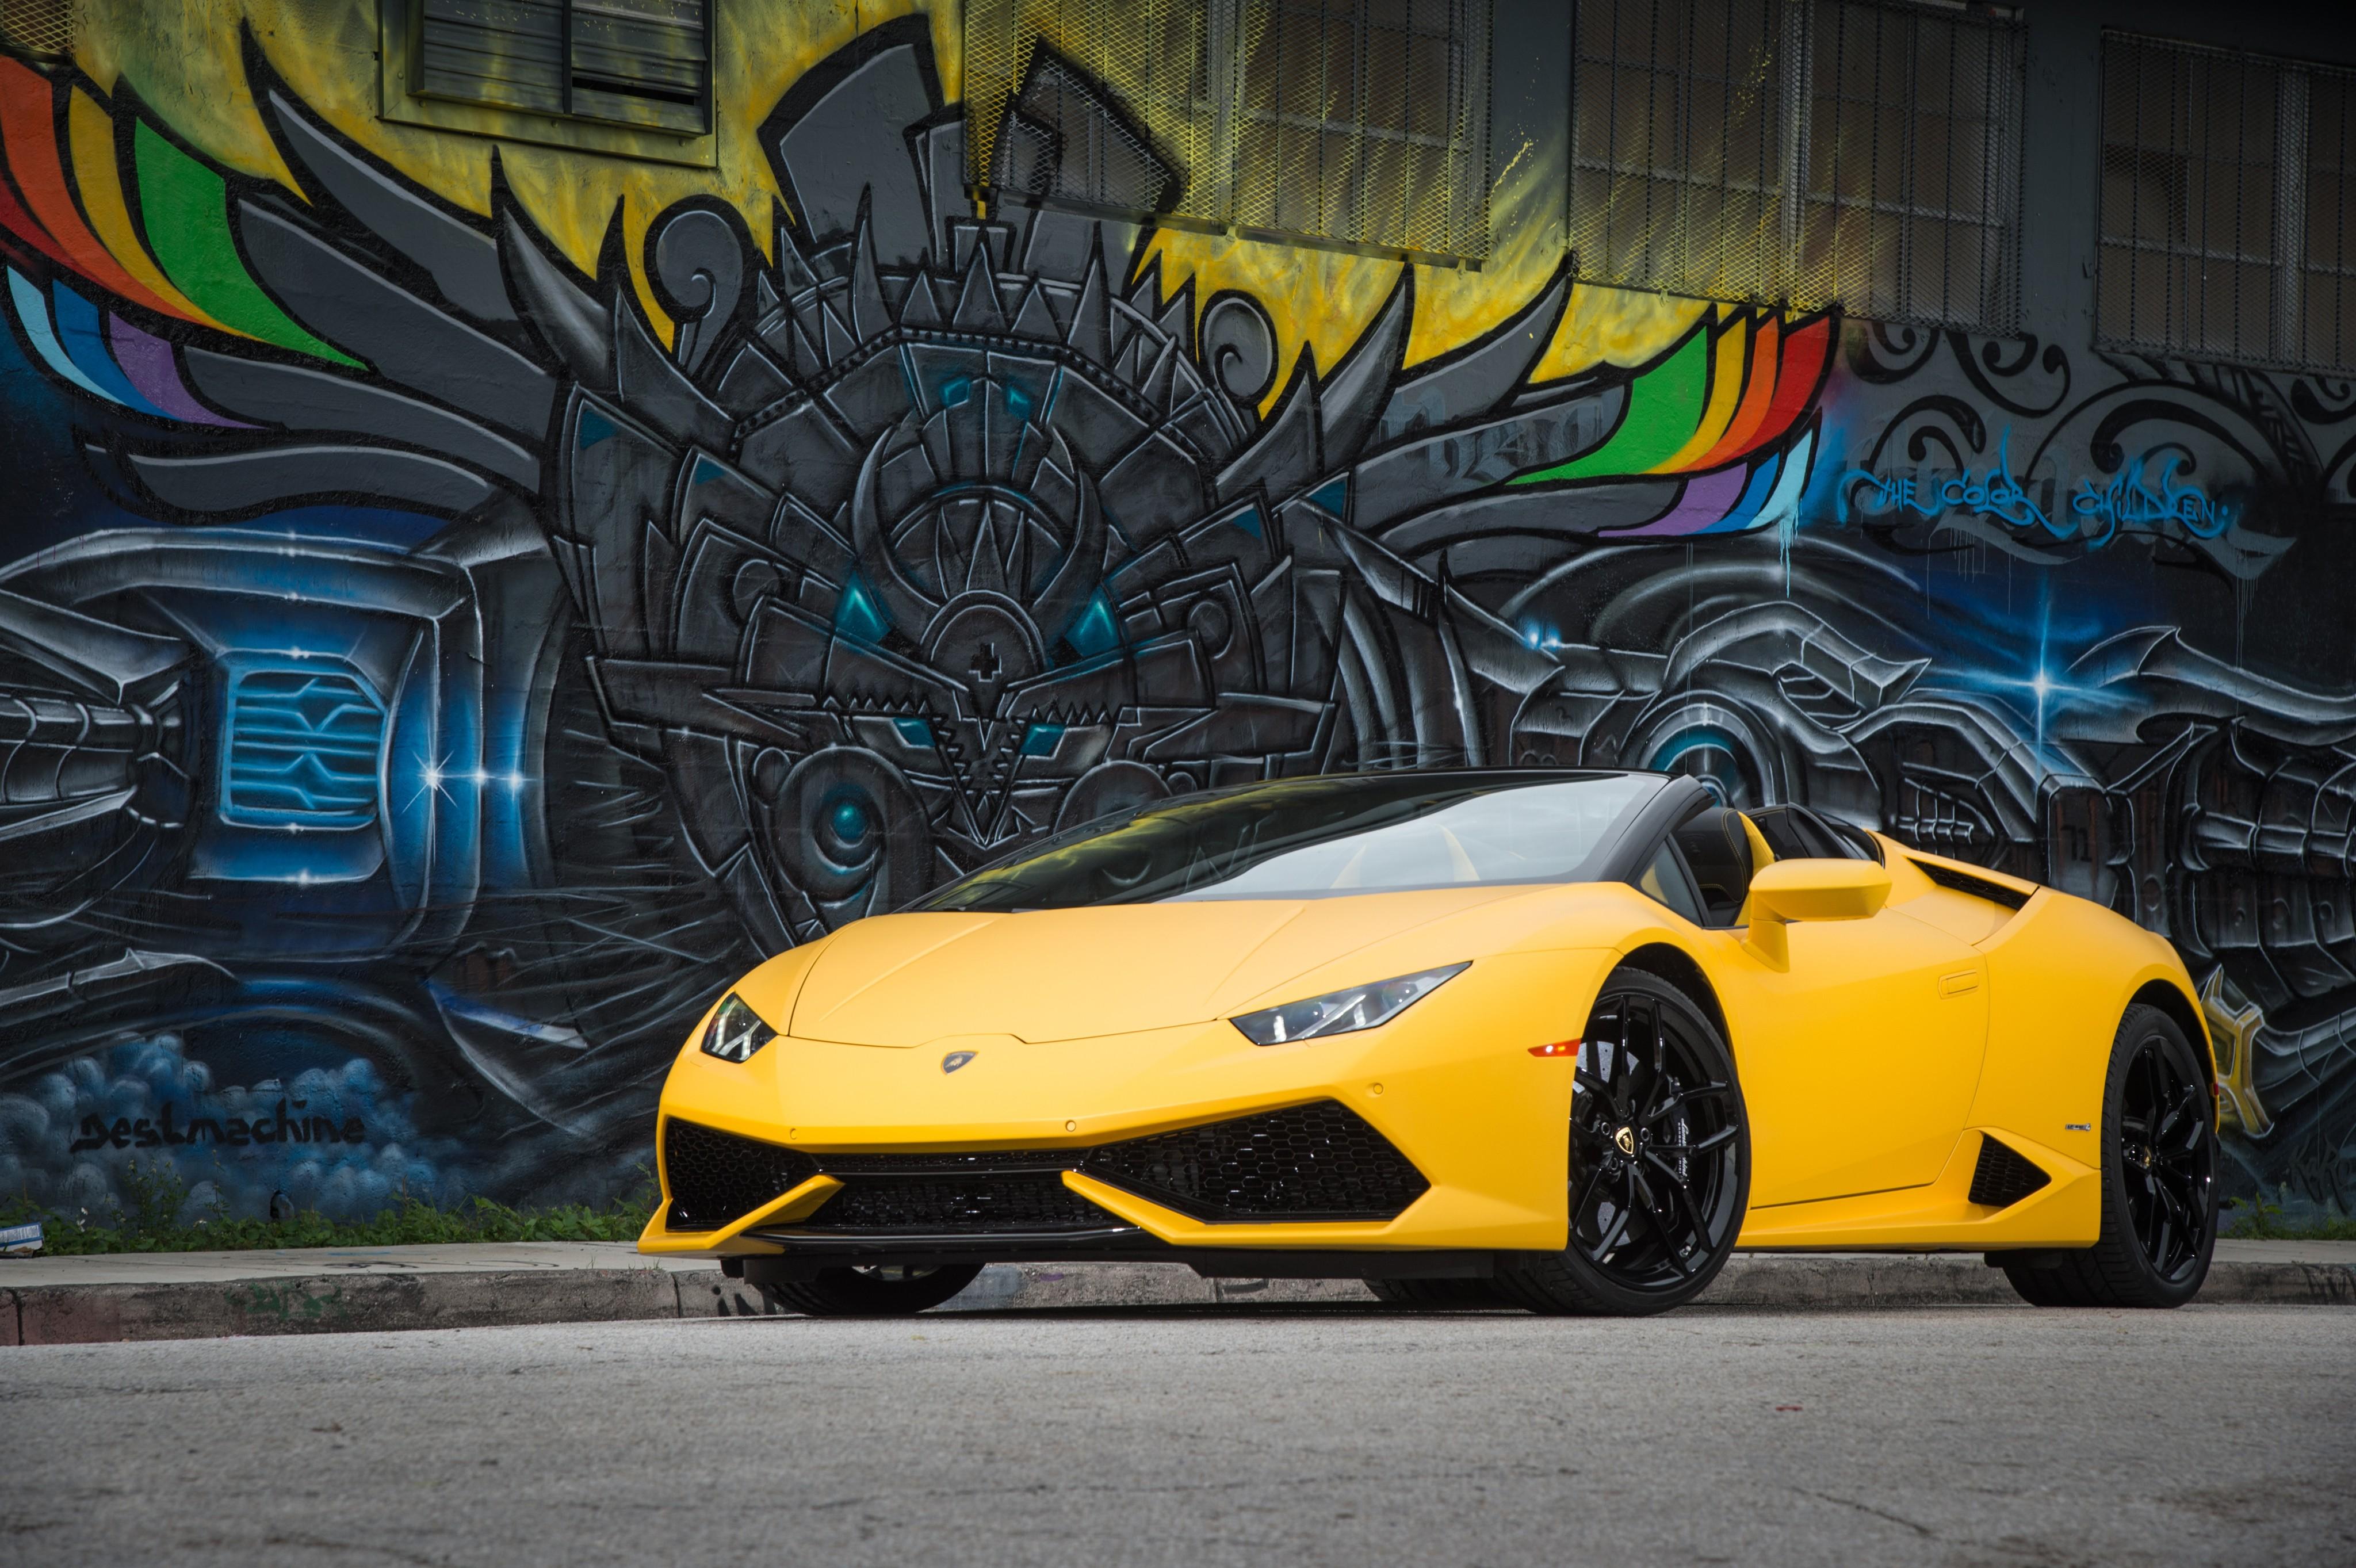 Wallpaper Lamborghini Hurac 225 N Lp 610 4 Spyder Bodykit Graffiti Yellow Cars Amp Bikes 10671